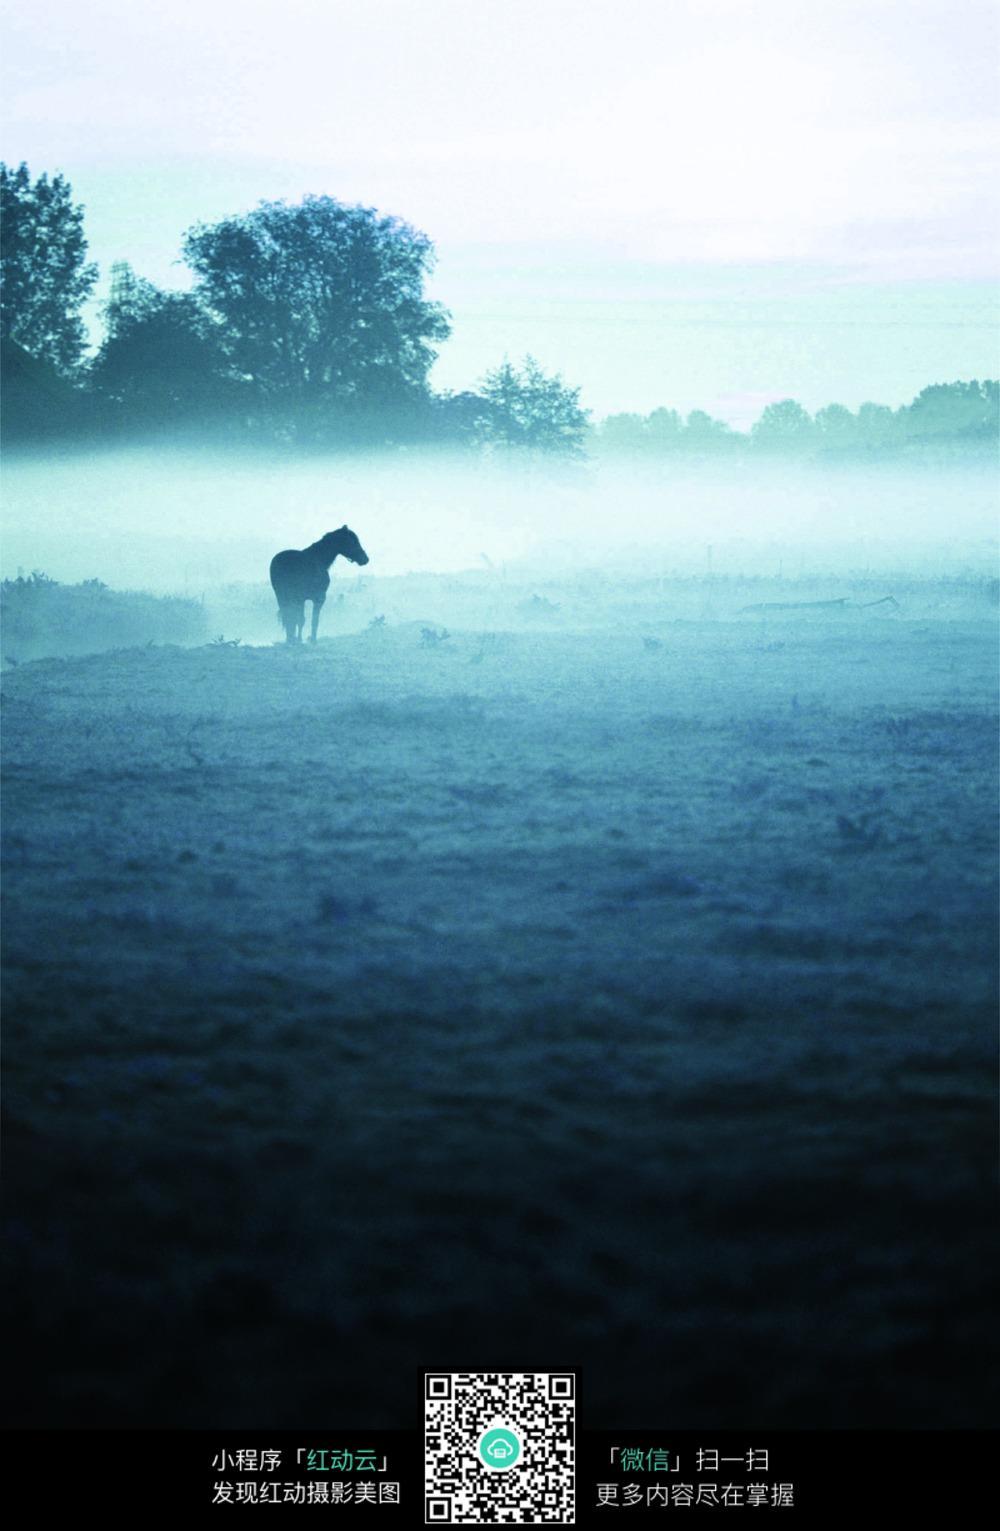 浓雾黑白风景摄影